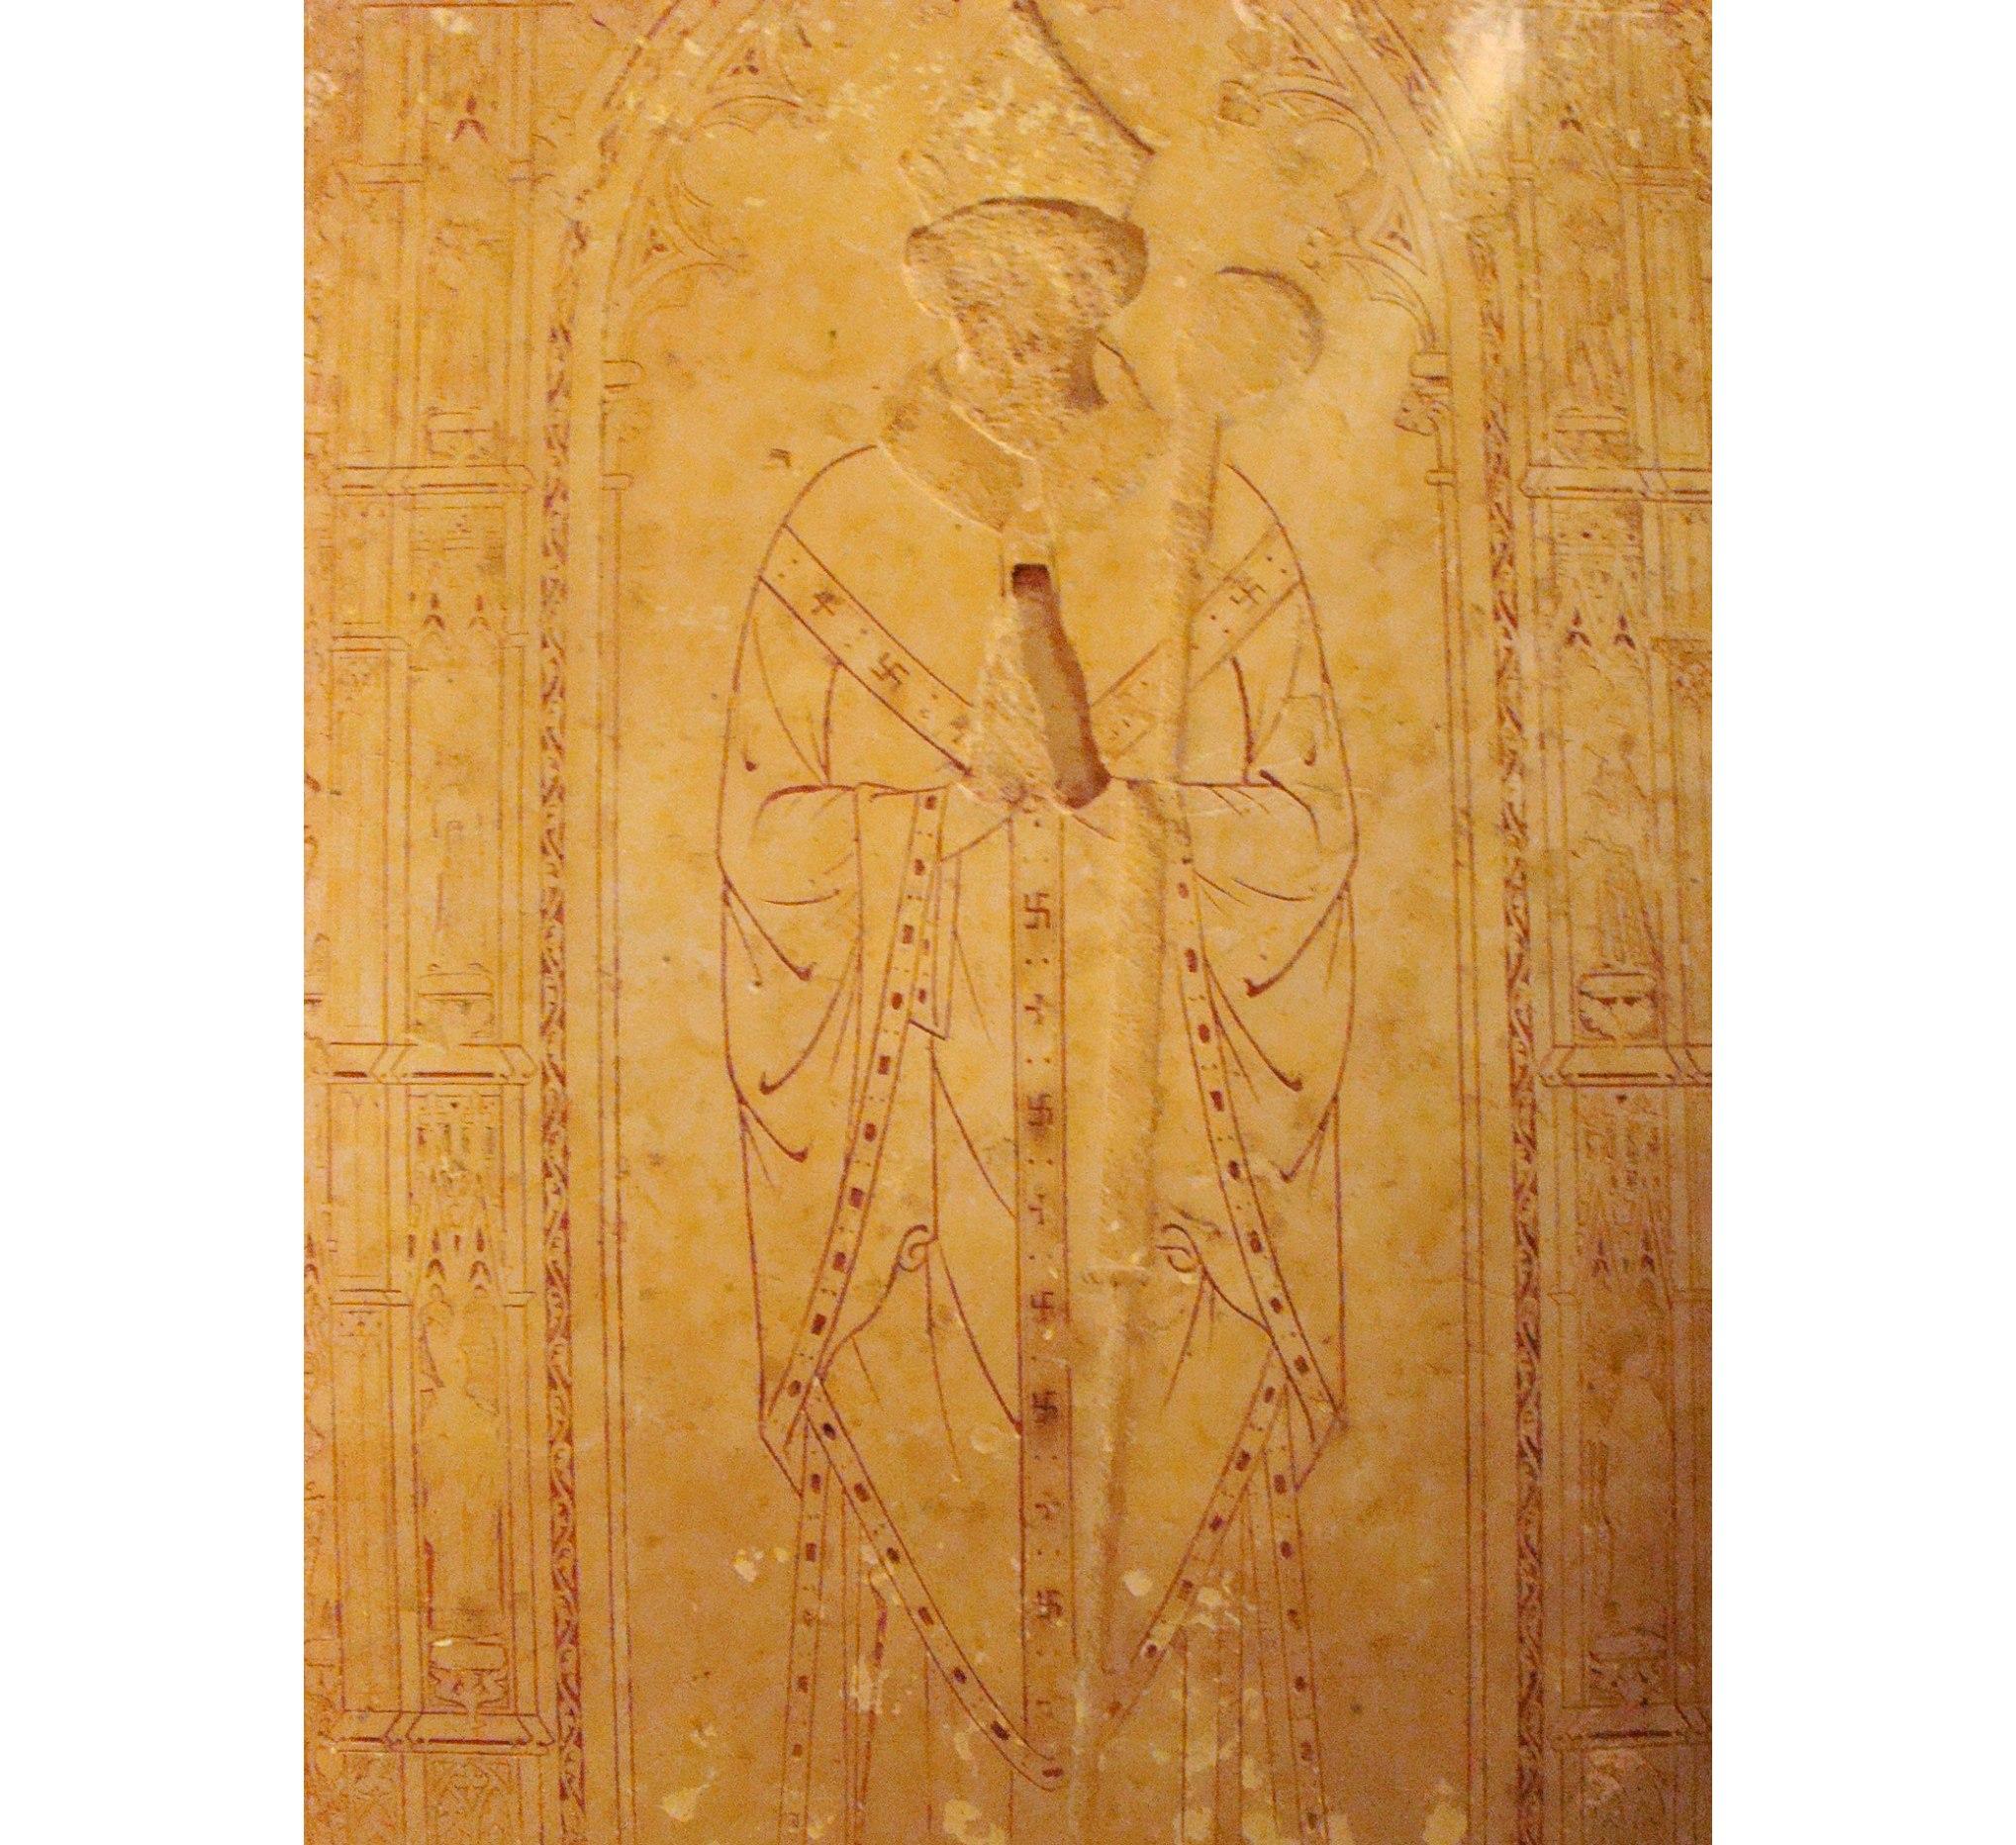 Nagrobek abota Simone'a De Gillans, benedyktyna zmarłego w 1345 r. Znajduje się w Muzeum Cluny w Paryżu(fot. Aaron Welman)